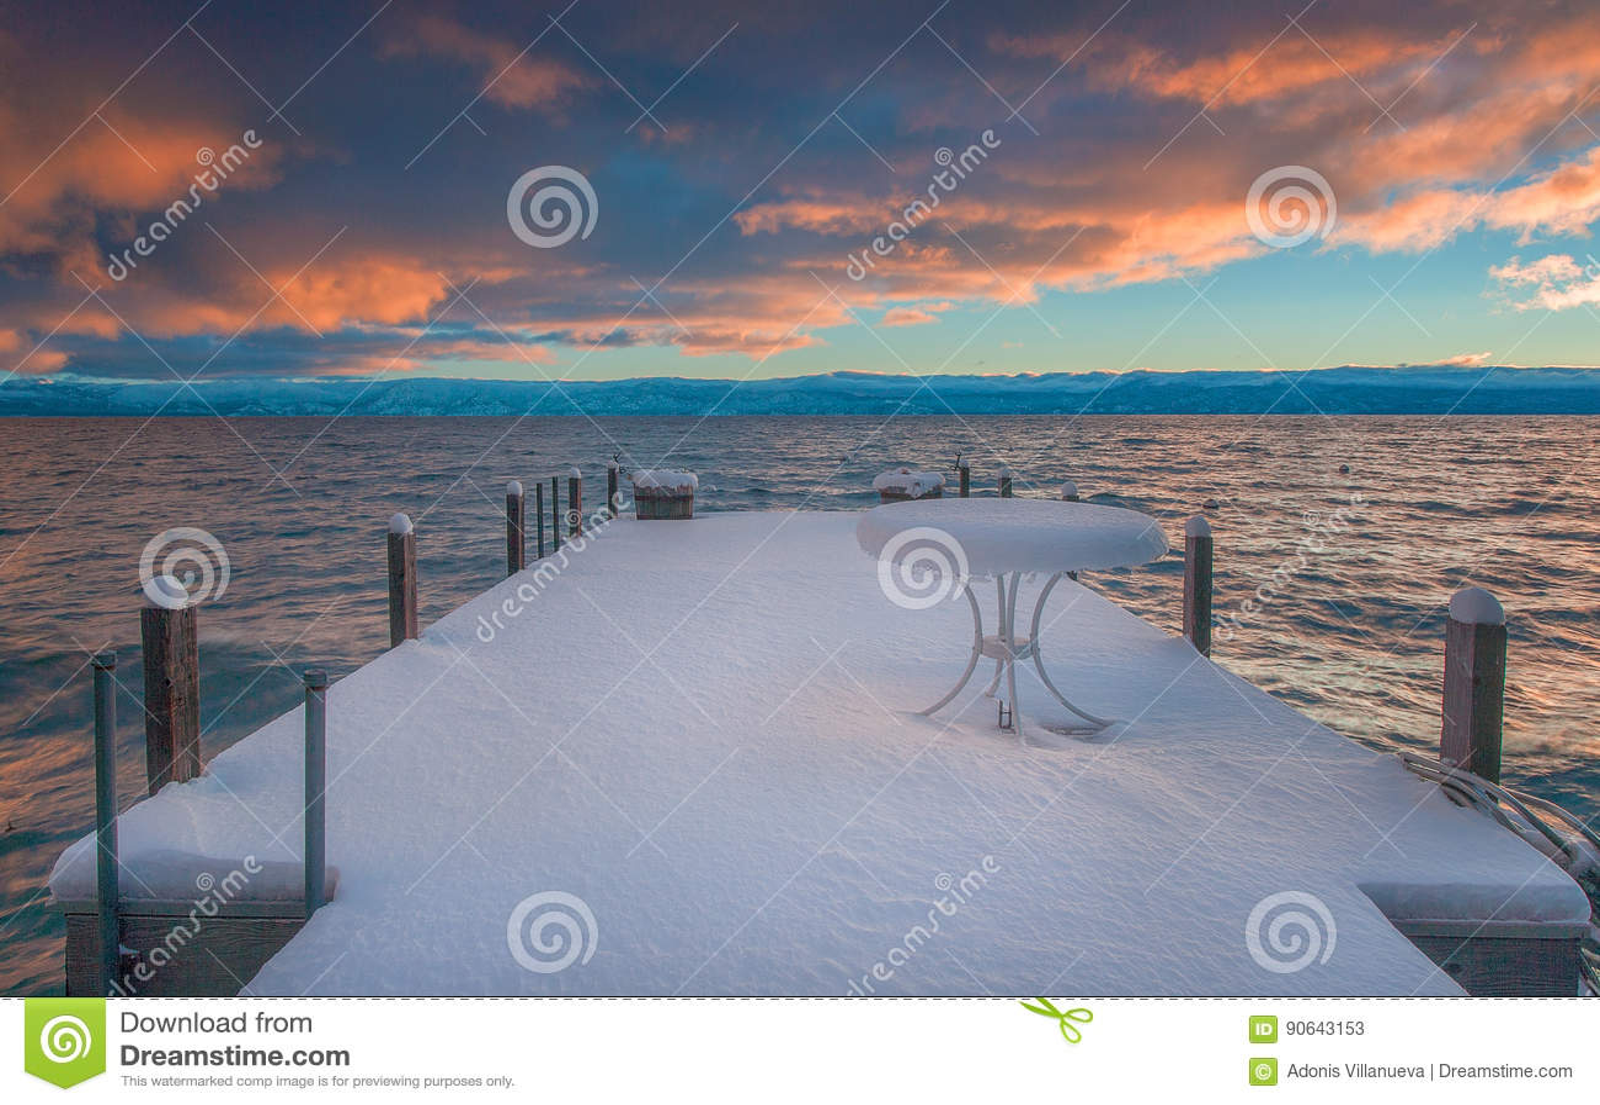 美丽的太浩湖加利福尼亚